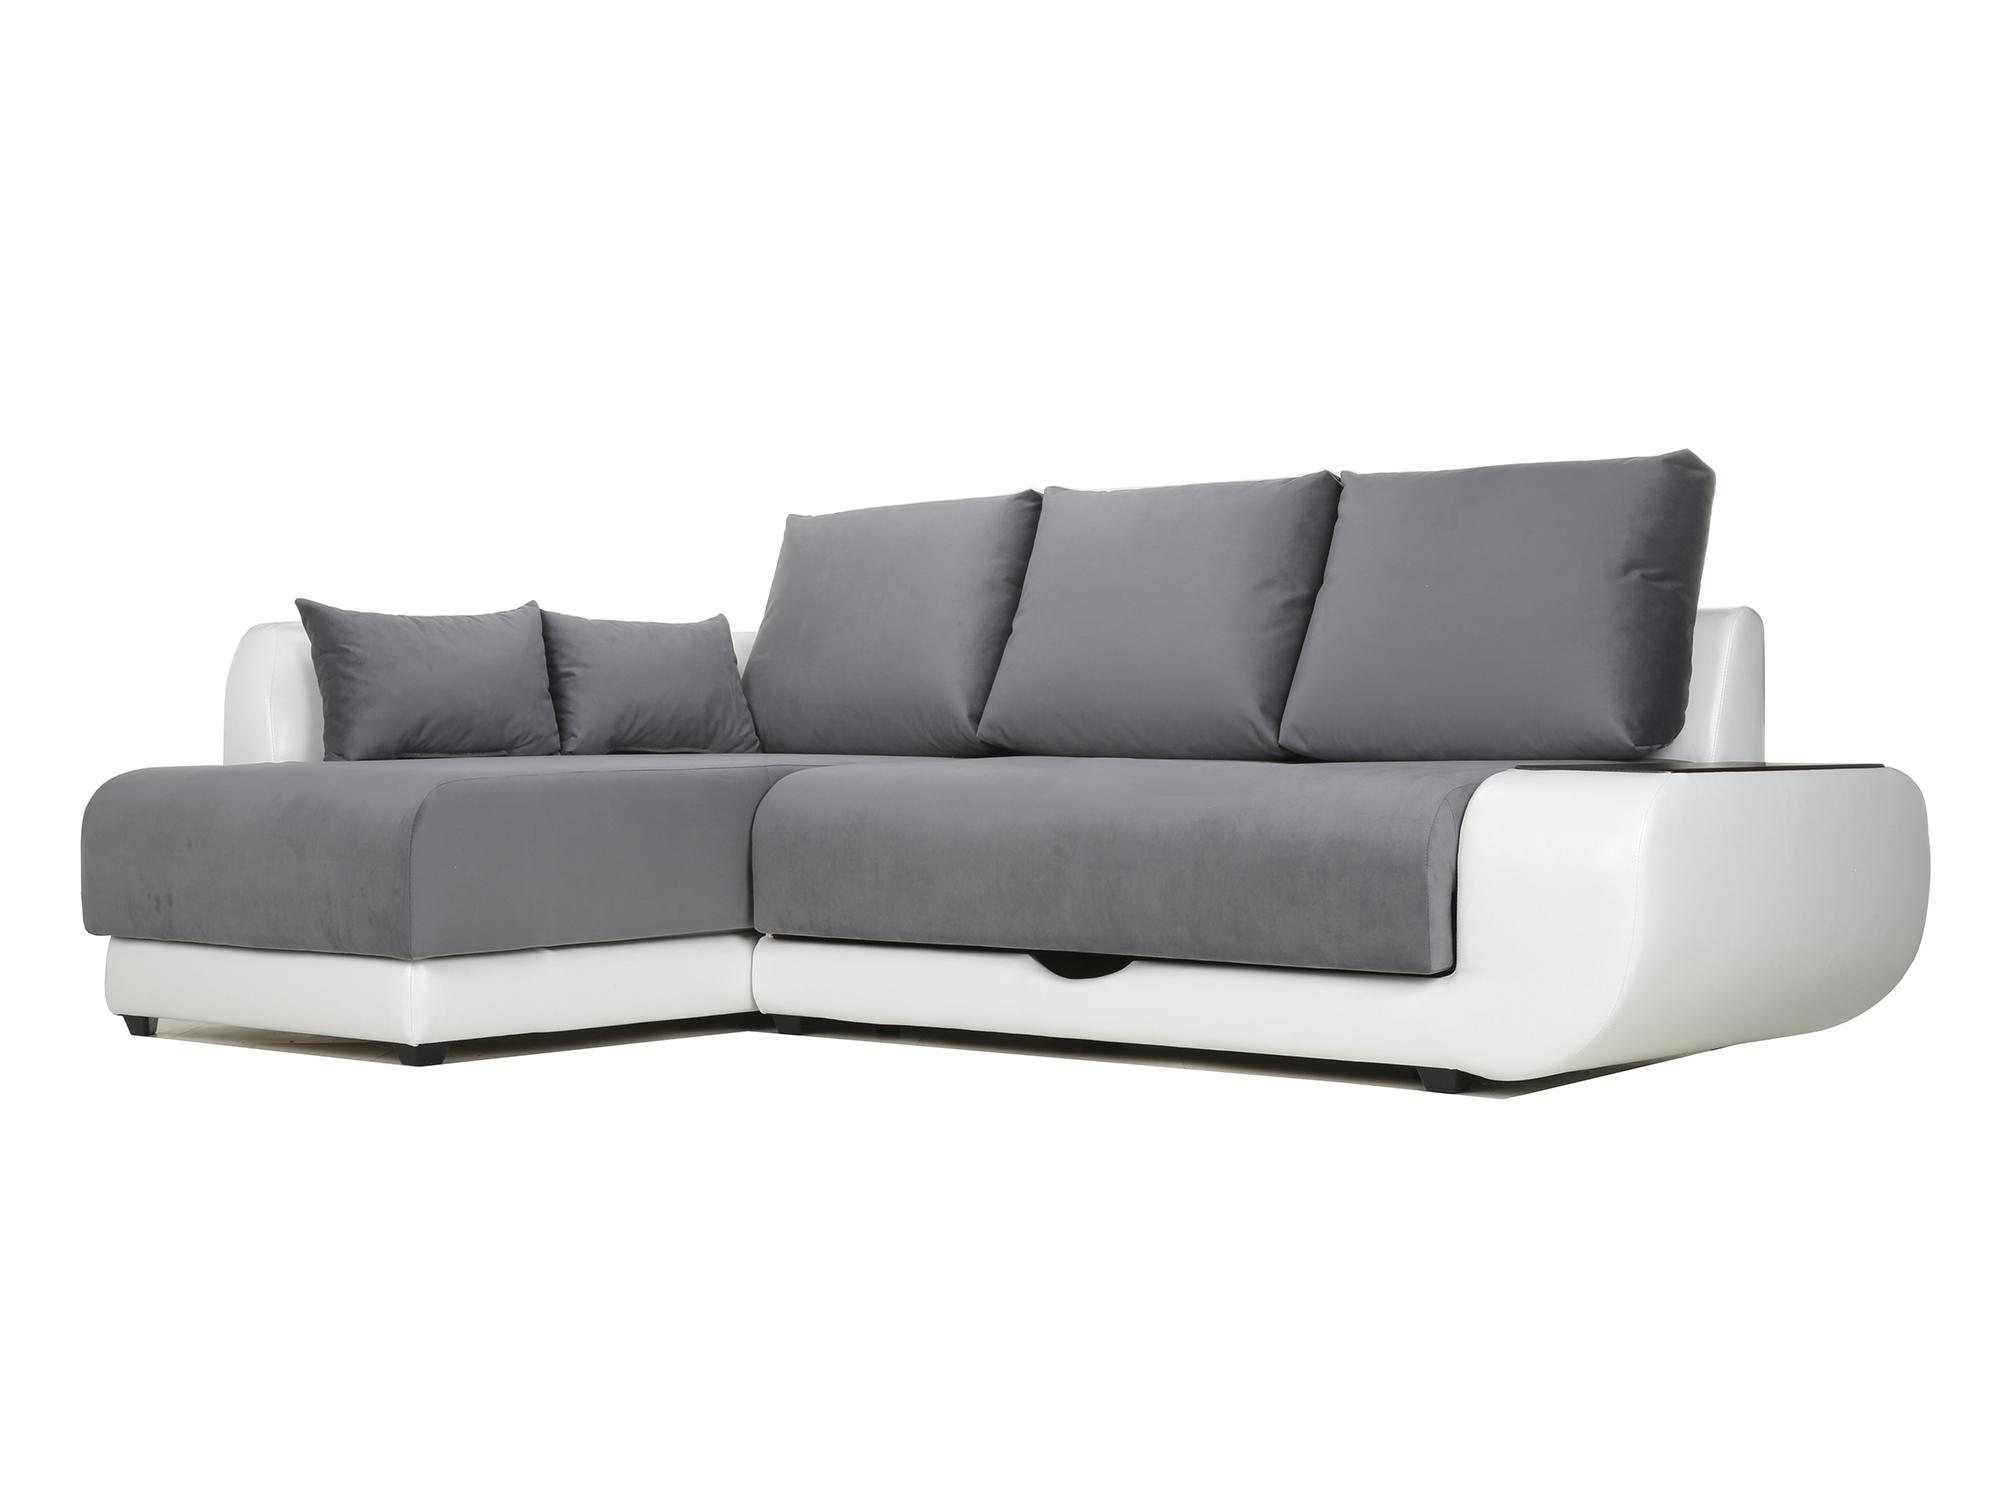 Угловой диван с независимым пружинным блоком Поло ПБ (Нью-Йорк) Левый MebelVia Белый, Черный